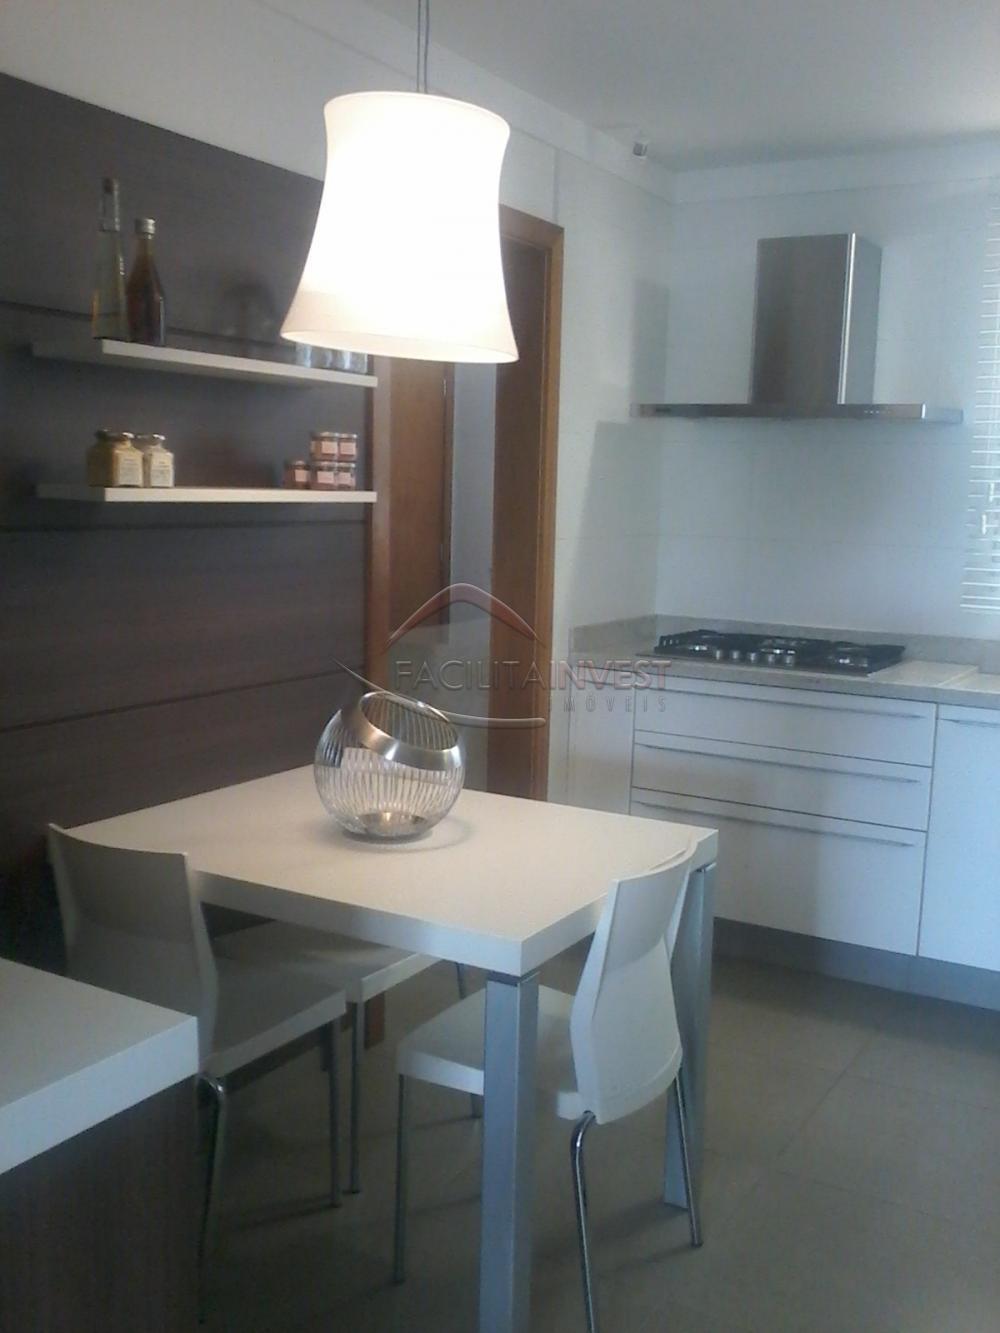 Comprar Apartamentos / Apart. Padrão em Ribeirão Preto apenas R$ 716.732,70 - Foto 6